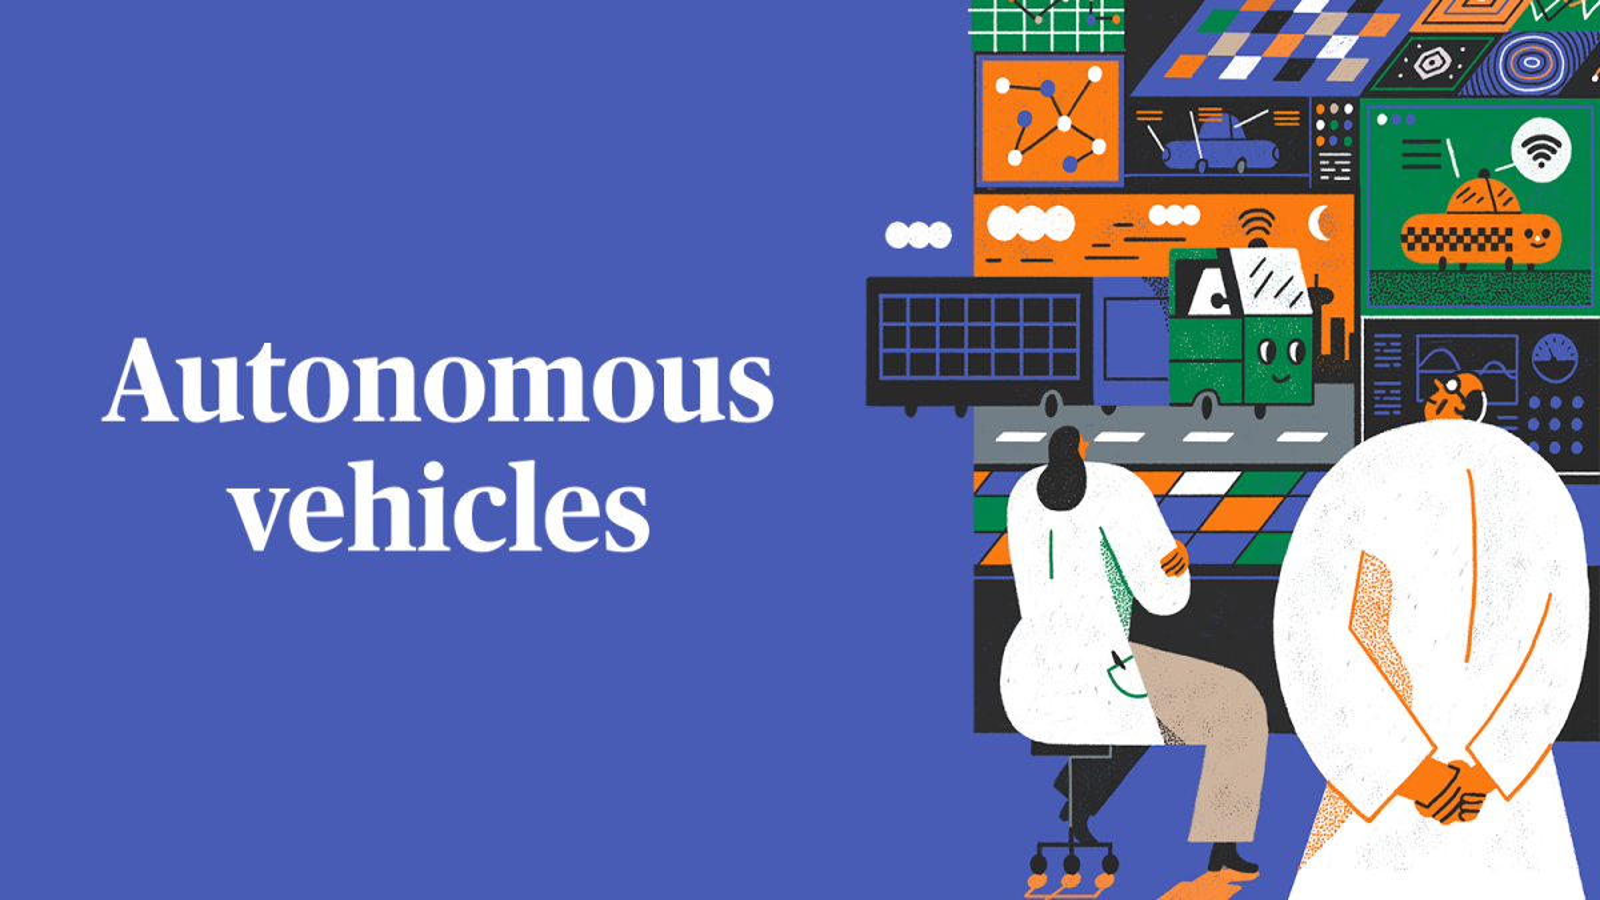 Autonomous vehicles: Let's try that again